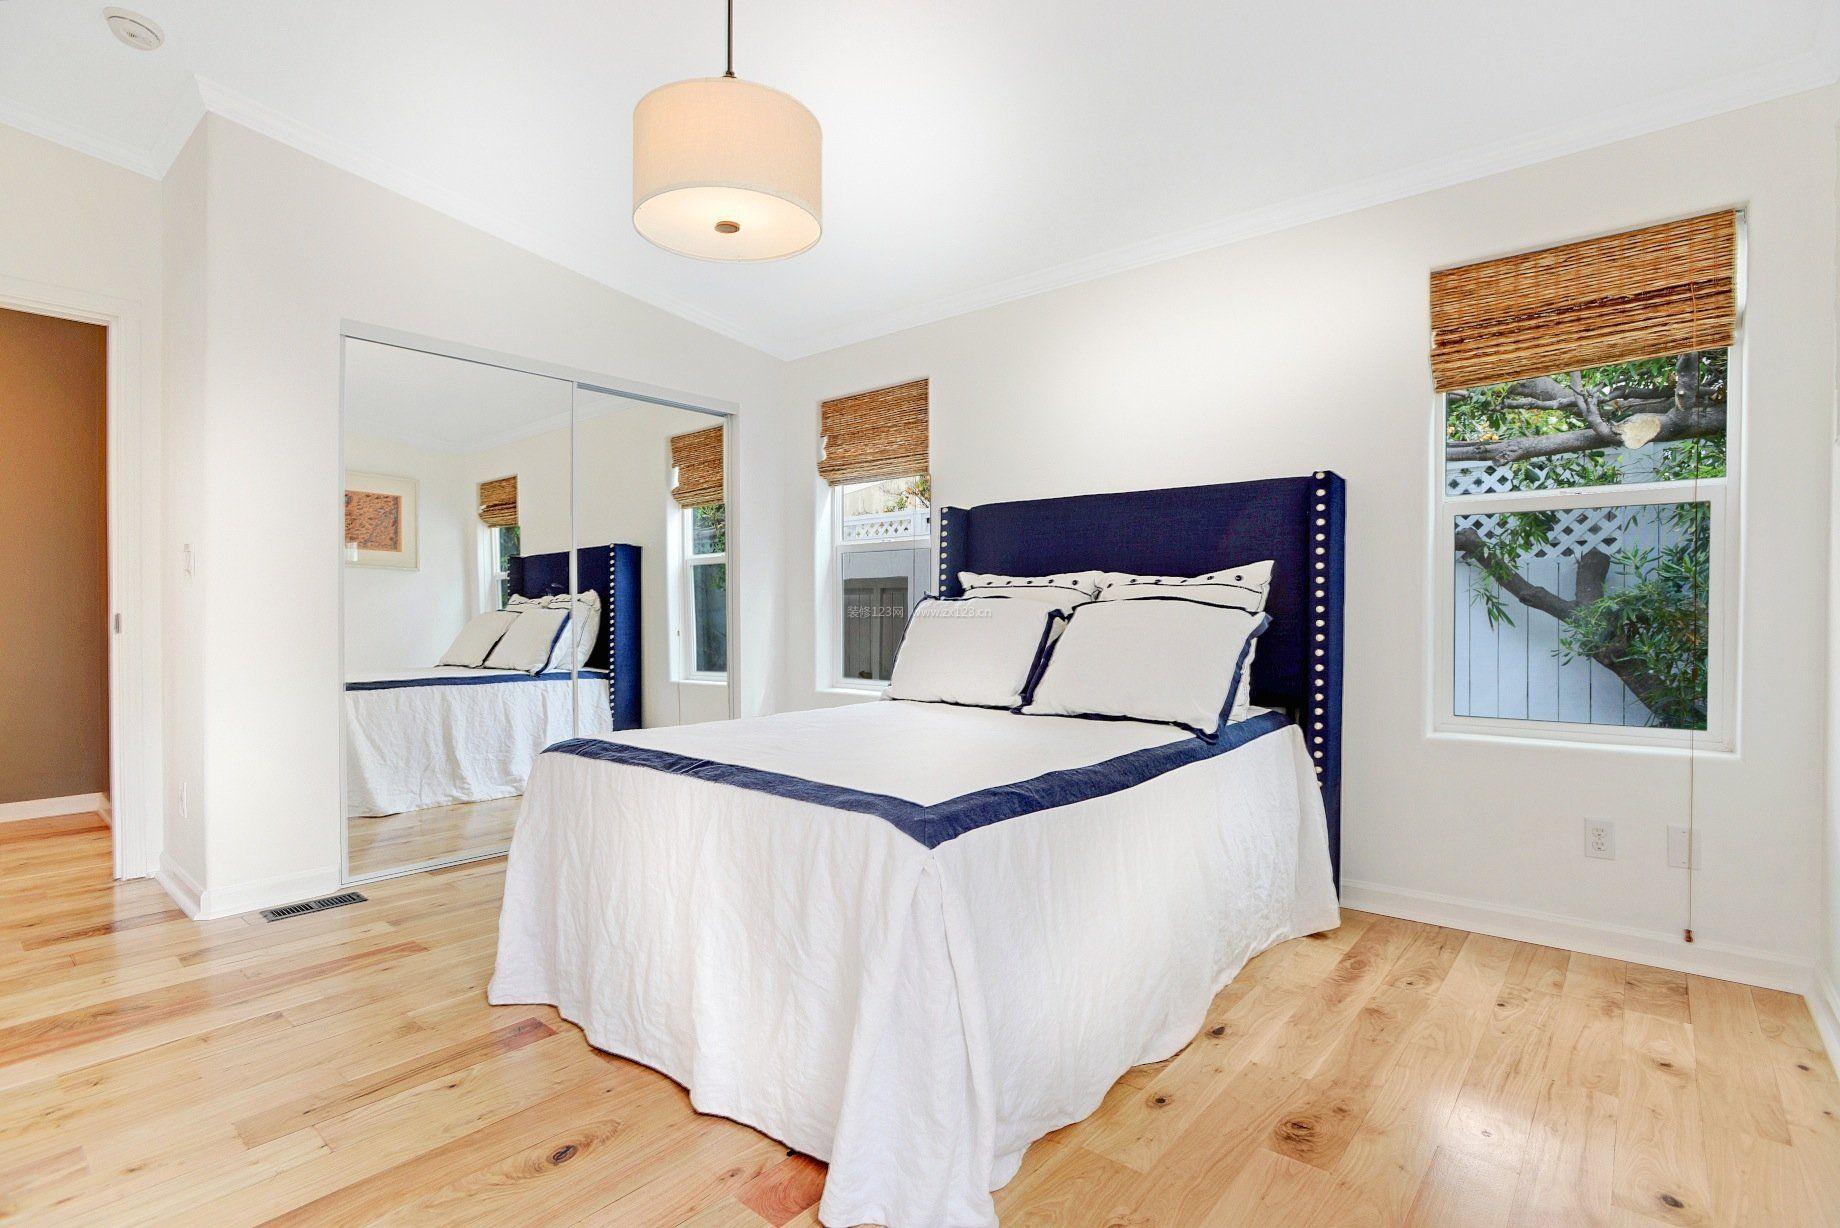 家装效果图 卧室 卧室家居设计浅黄色木地板装修效果图片 提供者